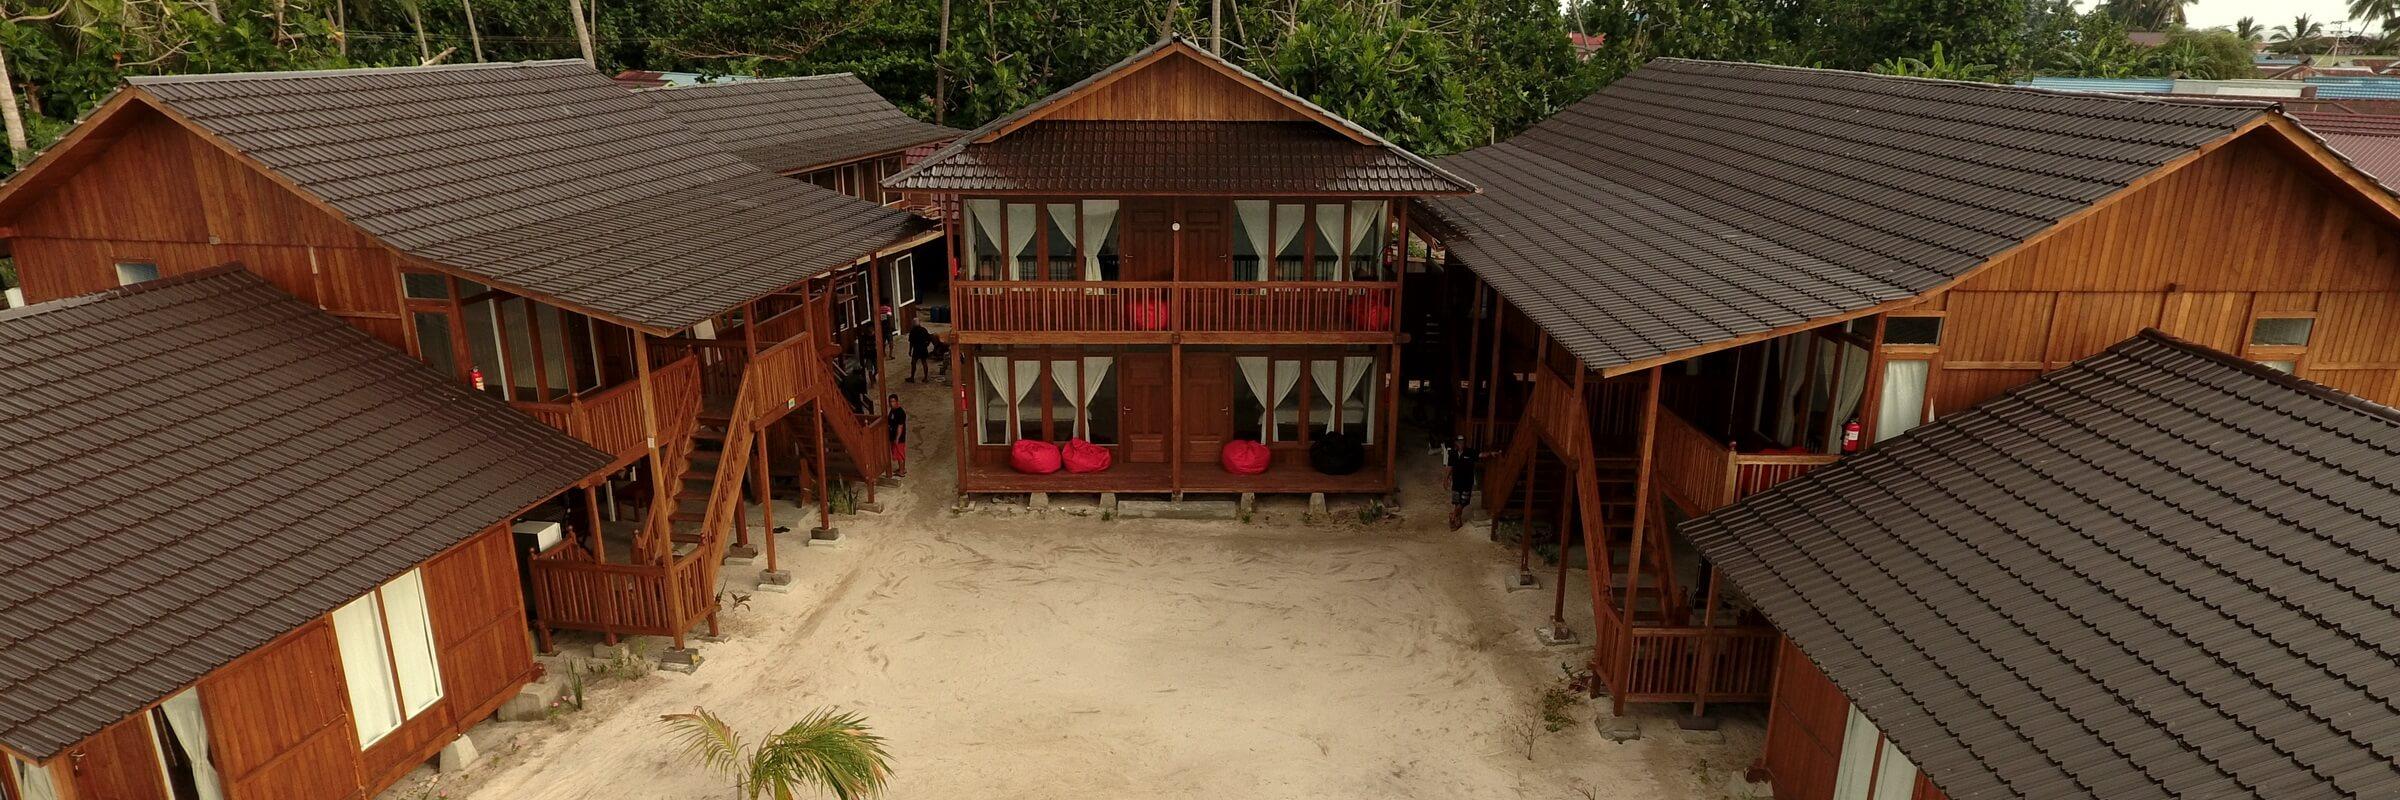 Die 10 Bungalows der Derawan Dive Lodge haben jeweils eine vorgelagerte Terrasse mit Hängematte und sind nur einen kurzen Fußweg vom Strand entfernt.